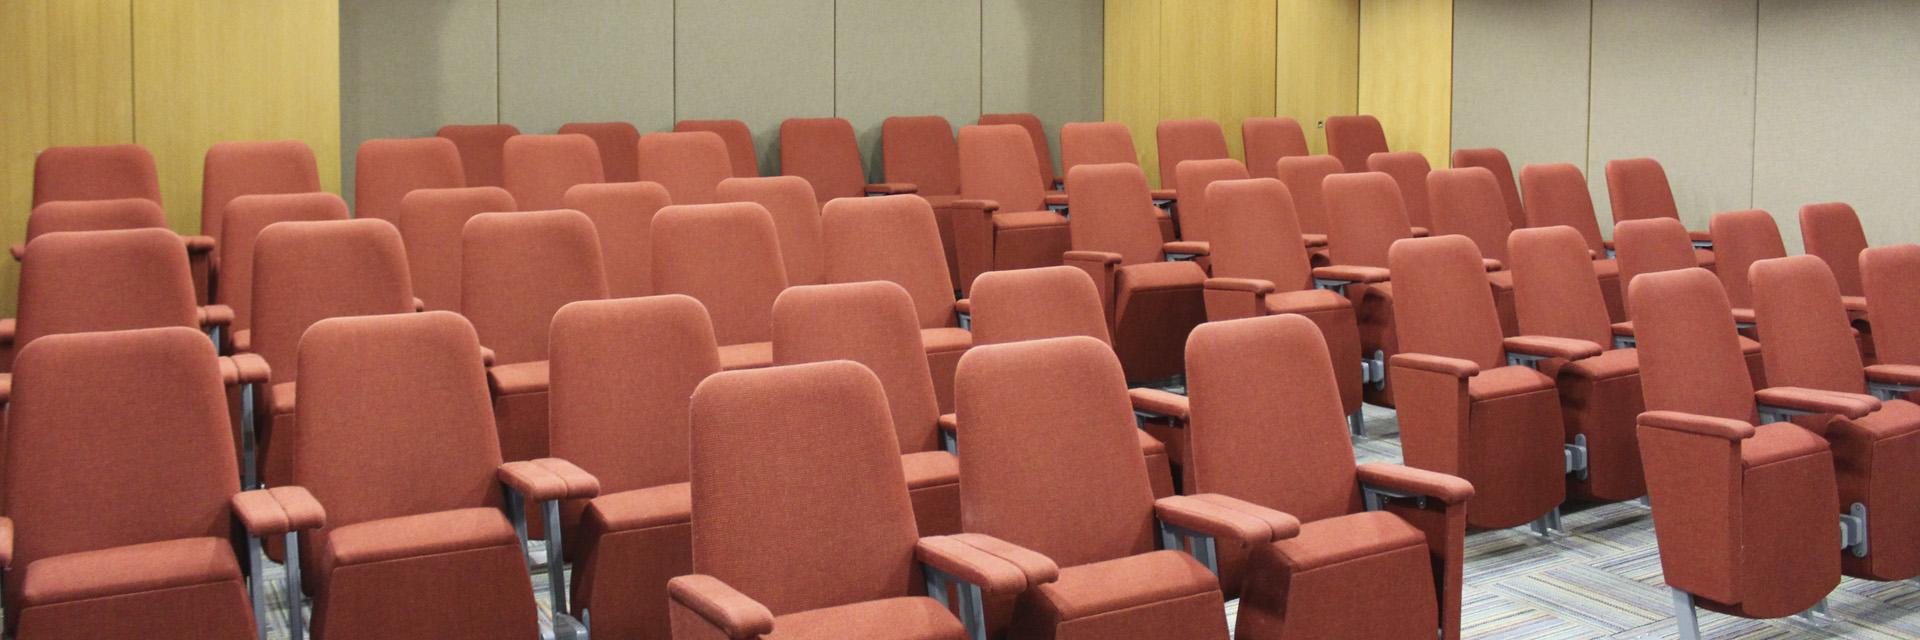 Fitzpatrick Referrals Lecture Theatre